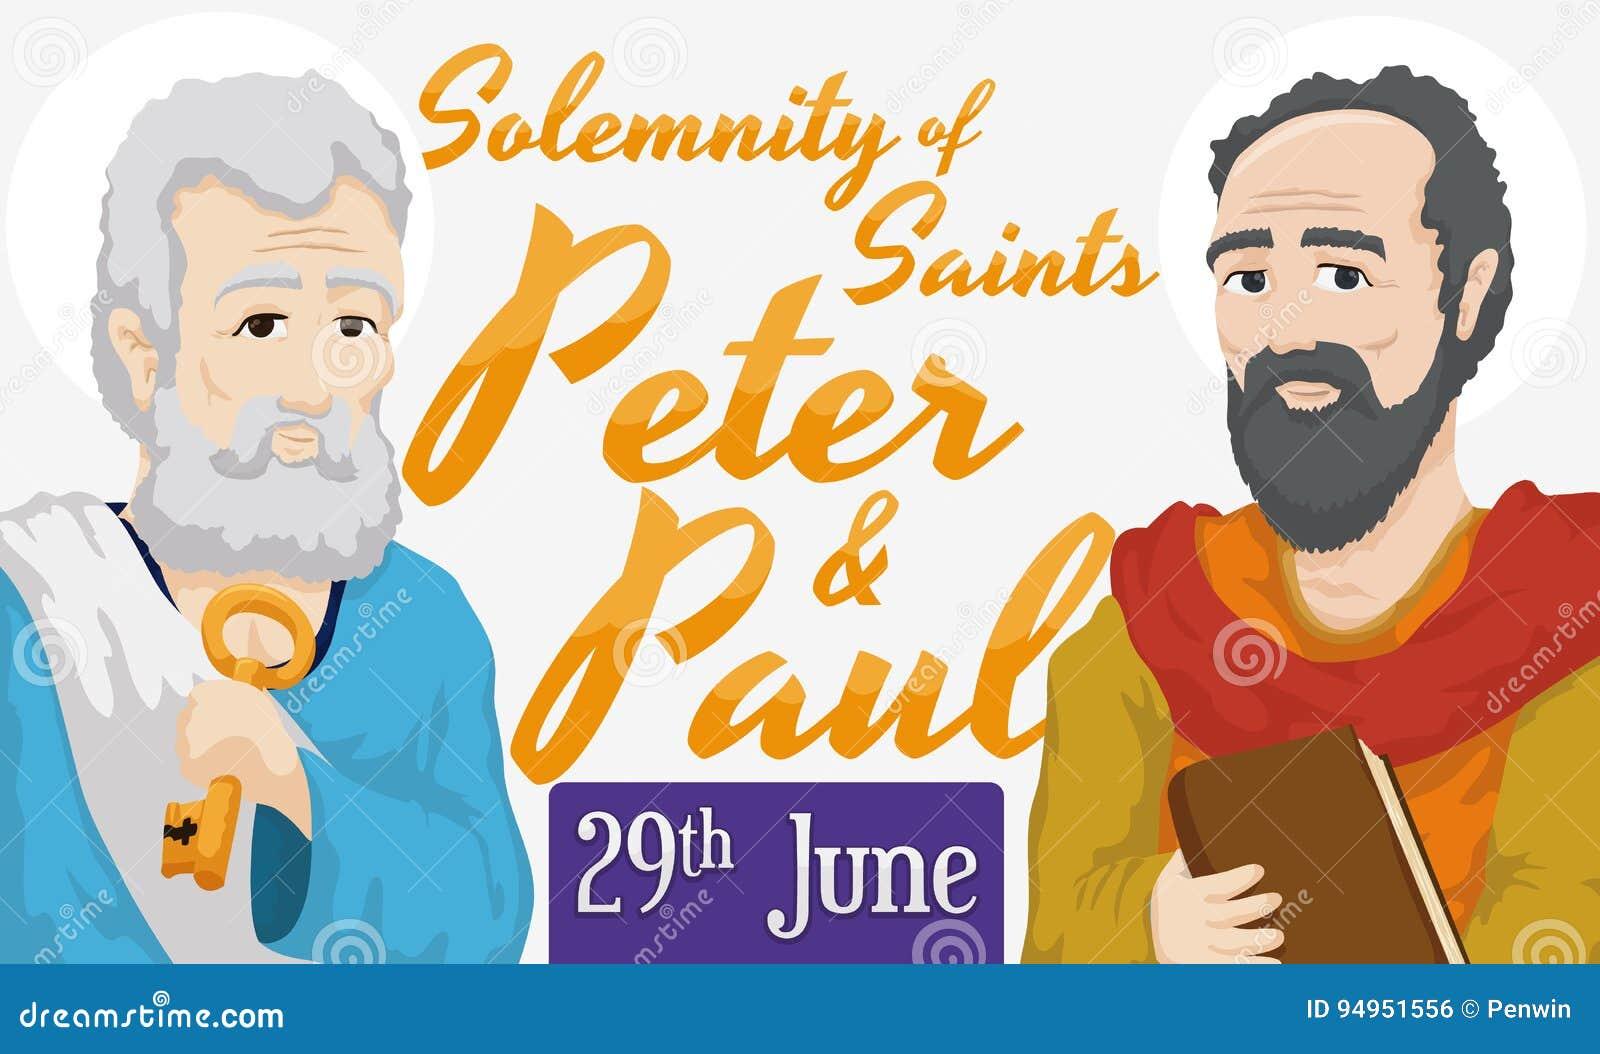 Przypomnienie data dla namaszczenia święty Peter i Paul, Wektorowa ilustracja